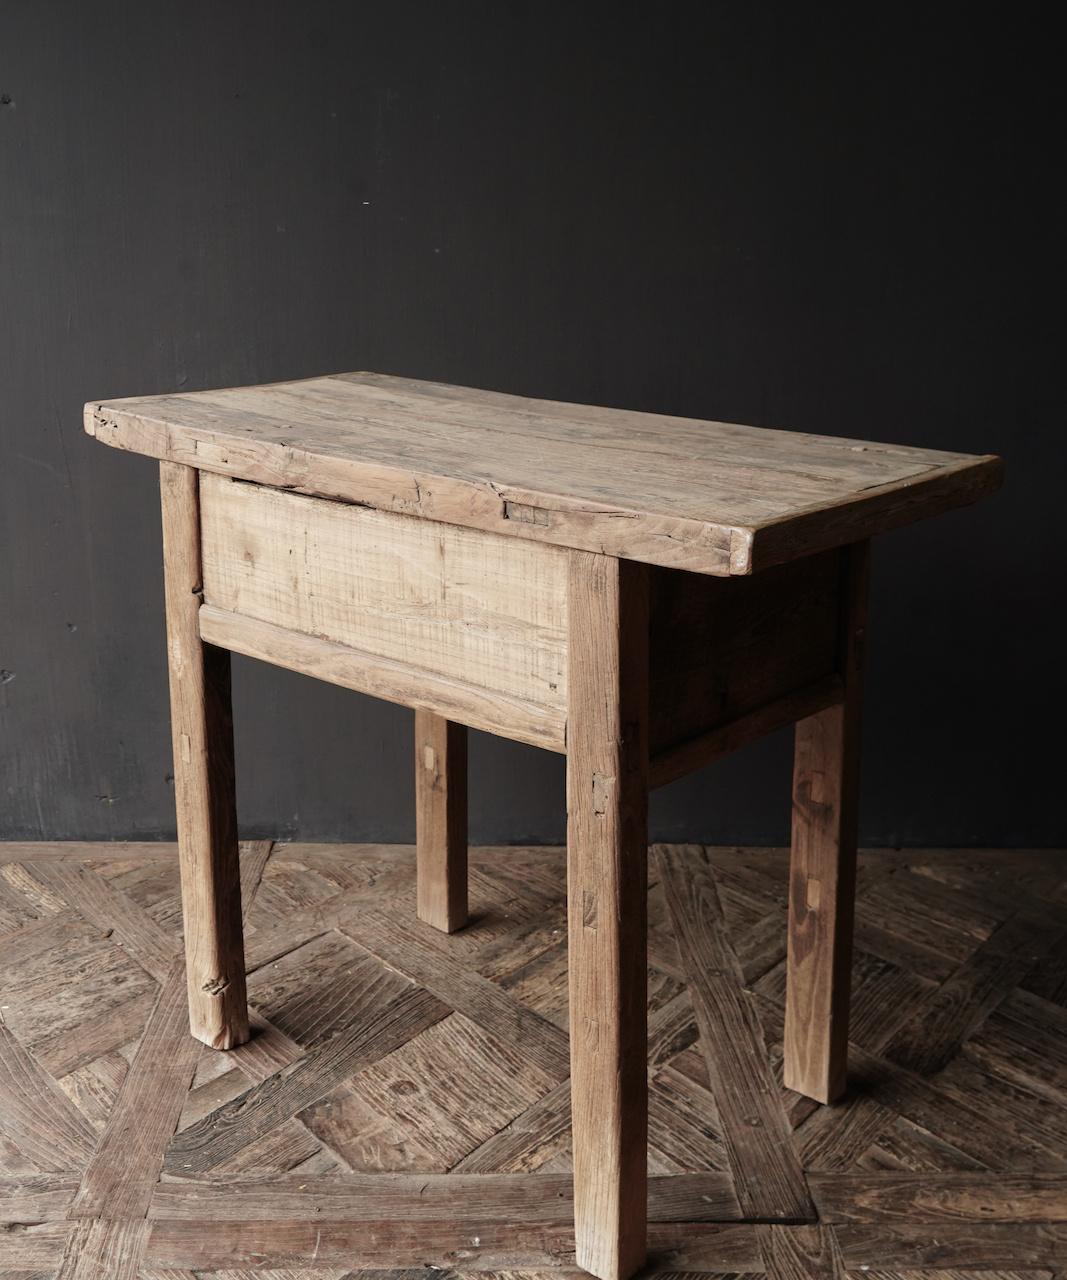 Alter Beistelltisch aus Stoer Elmwood / Ulmenholz Wandtisch mit Schublade-6